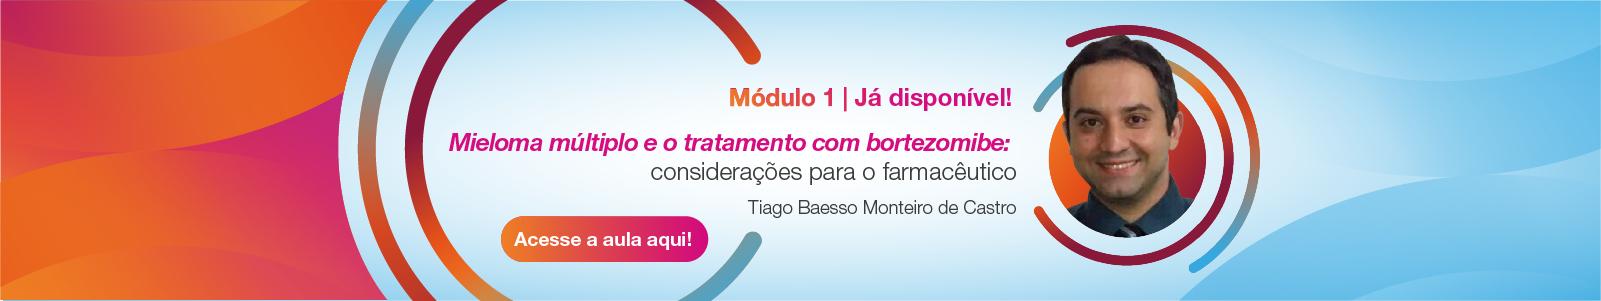 banner-modulo-01 disponivel